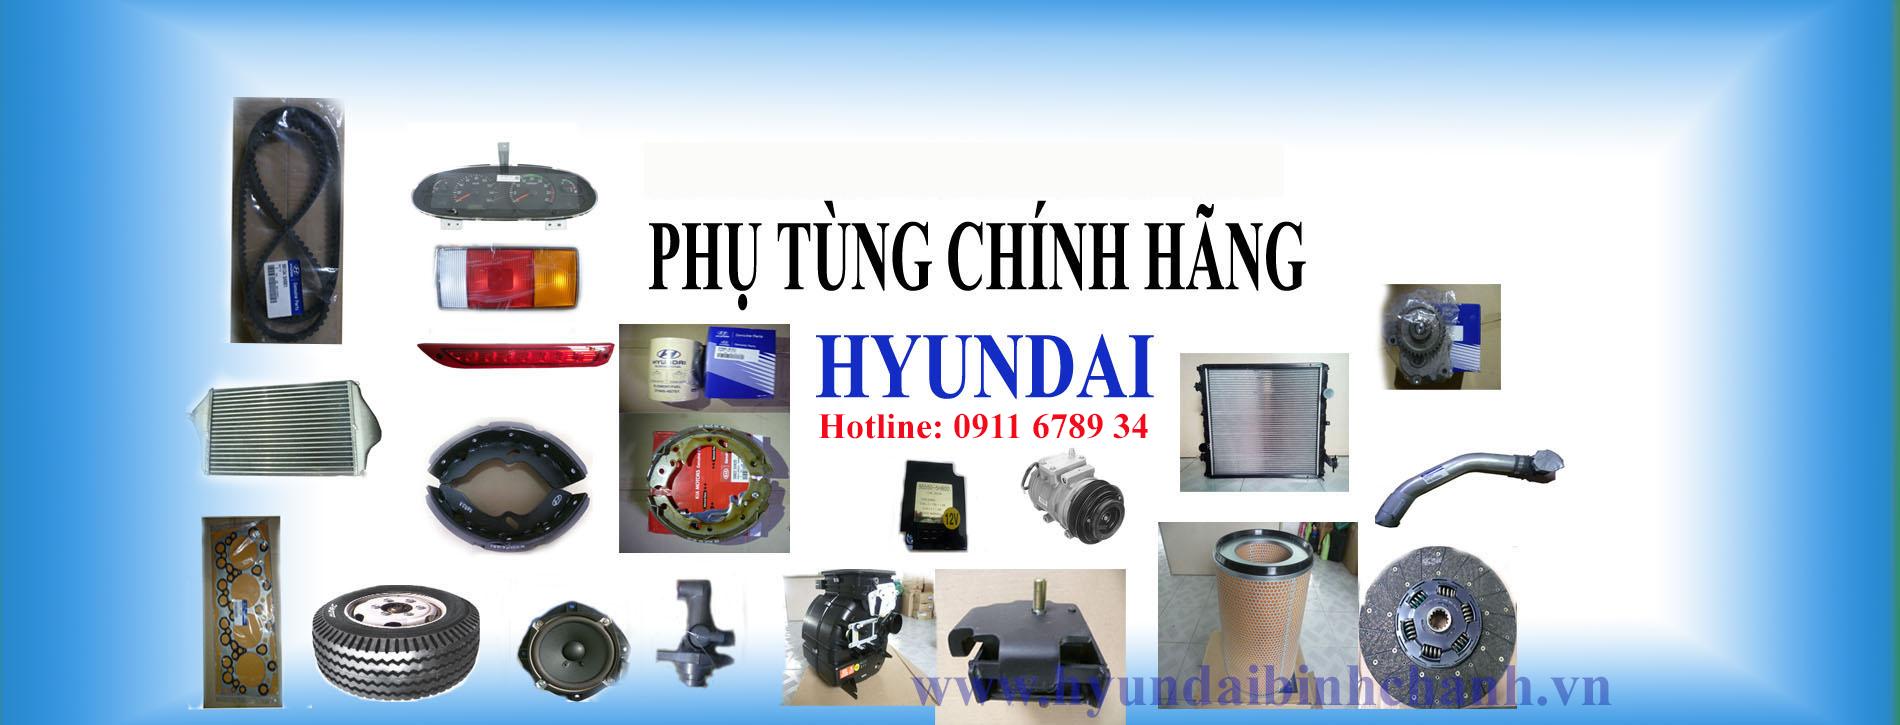 phu-tung-hyundai Phụ tùng chính hãng | Hyundai Bình Chánh